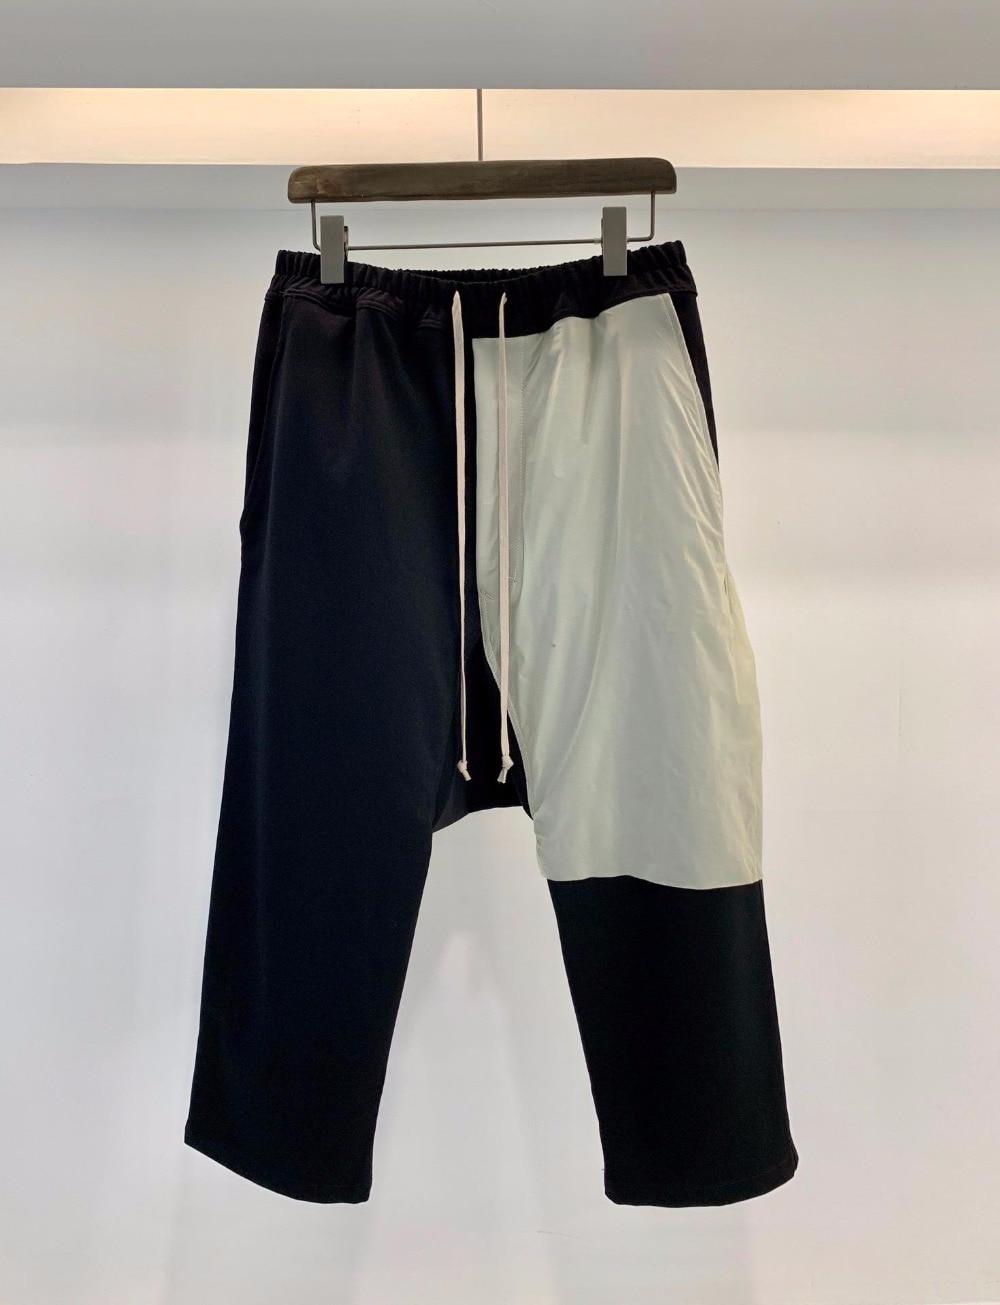 19ss Owen Seak Hommes décontracté Harem Pantalon Gothique vêtements pour hommes pantalons de Survêtement Femmes D'été Mi mollet Longueur Pantalon Lâche Pantalon Noir Taille XL-in Pantalon sarouel from Vêtements homme    1